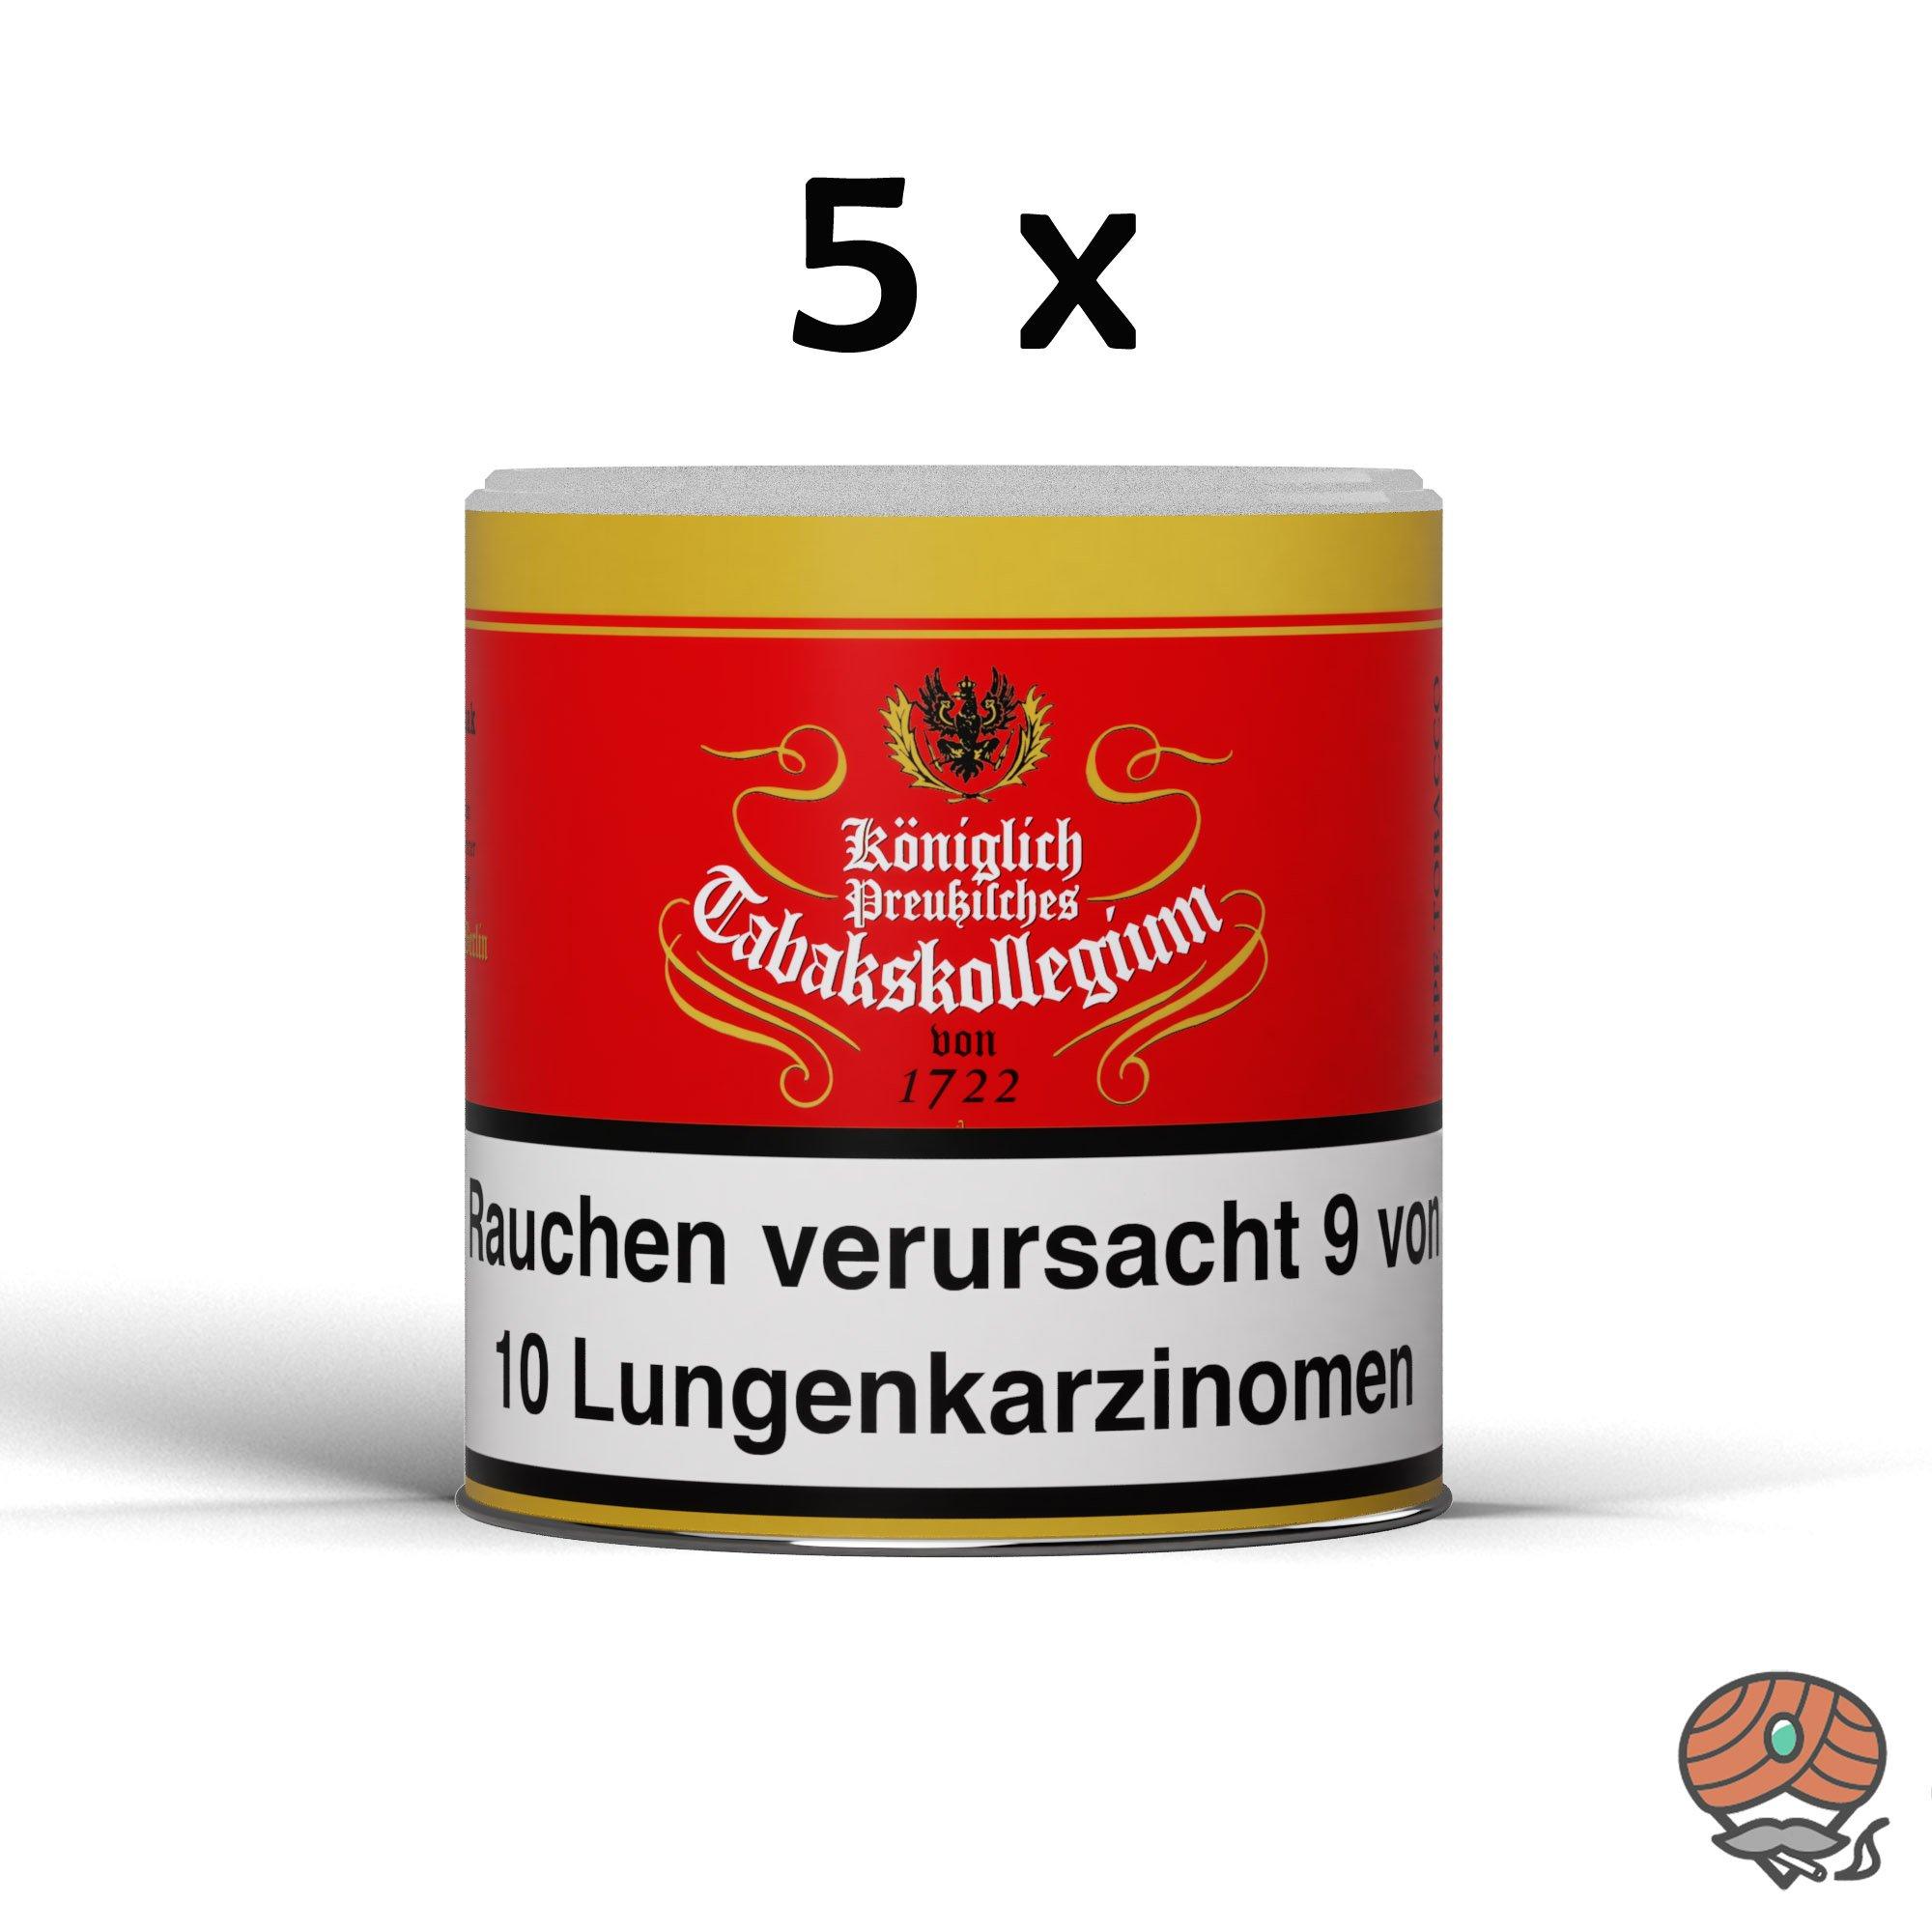 5 x Königlich Preußisches Tabakskollegium (KPT) Rot 1722 Pfeifentabak 100 g